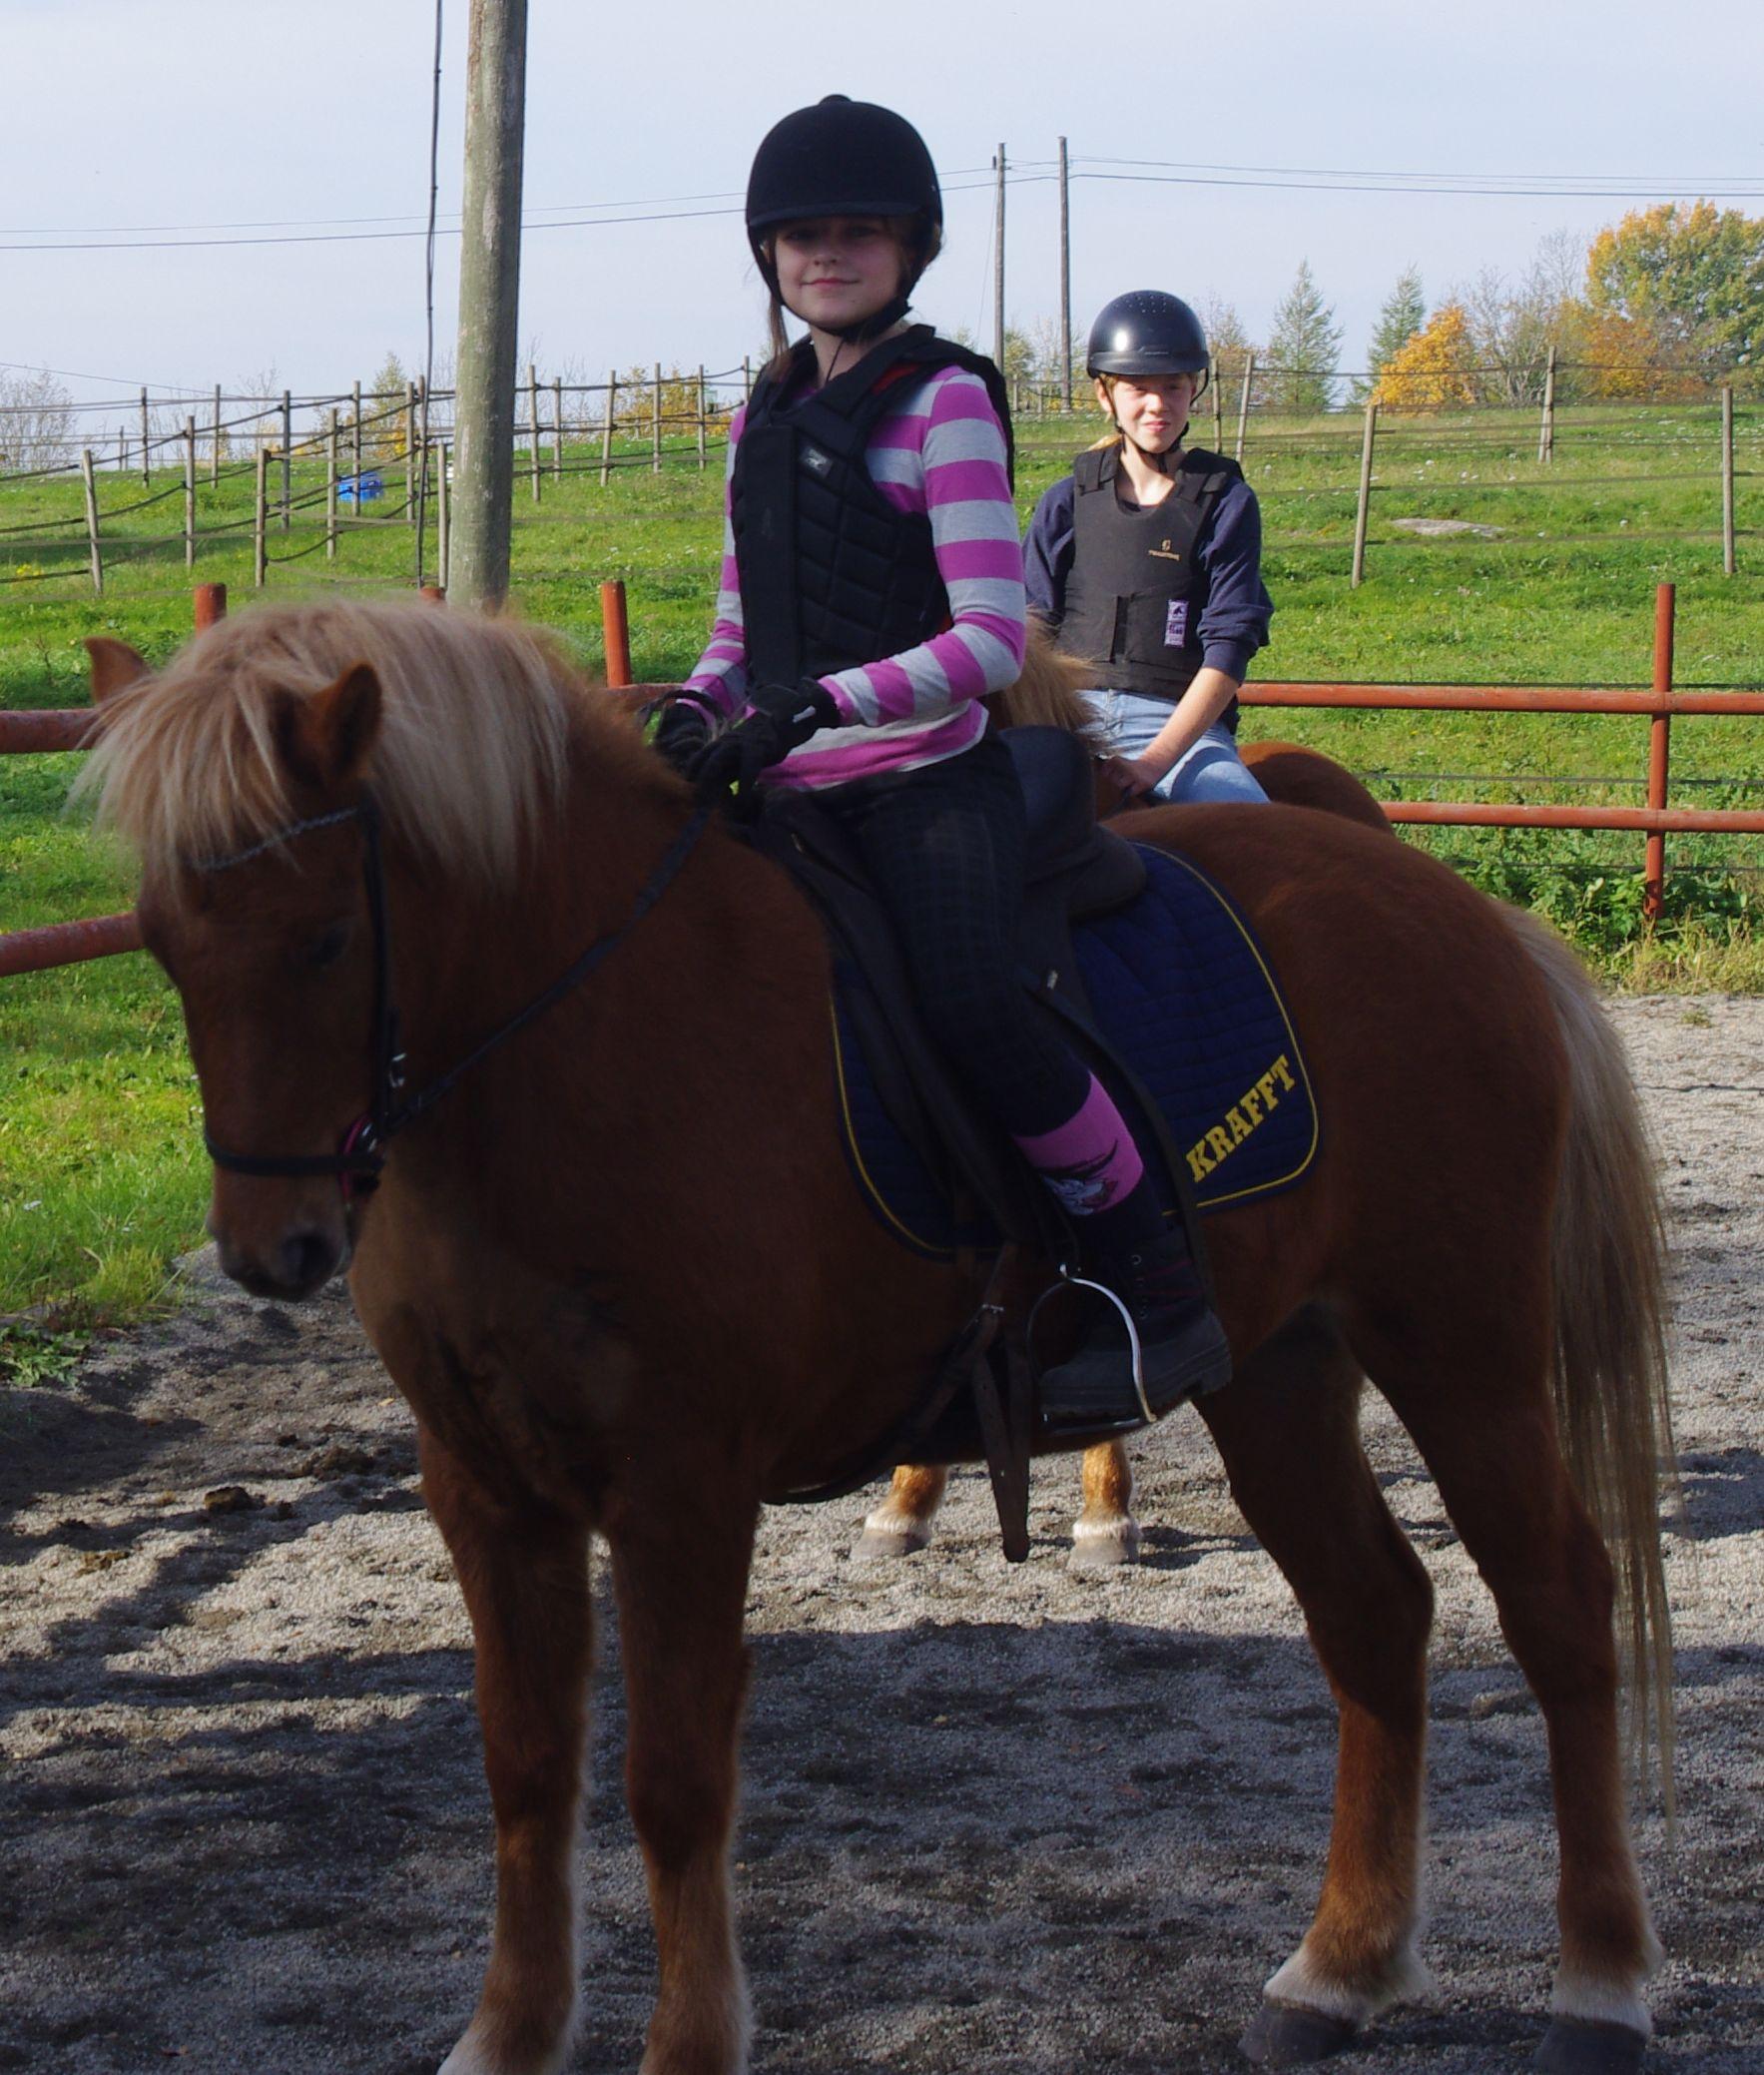 flori Unsere pferde-sparrispislandshastar.com | 2020